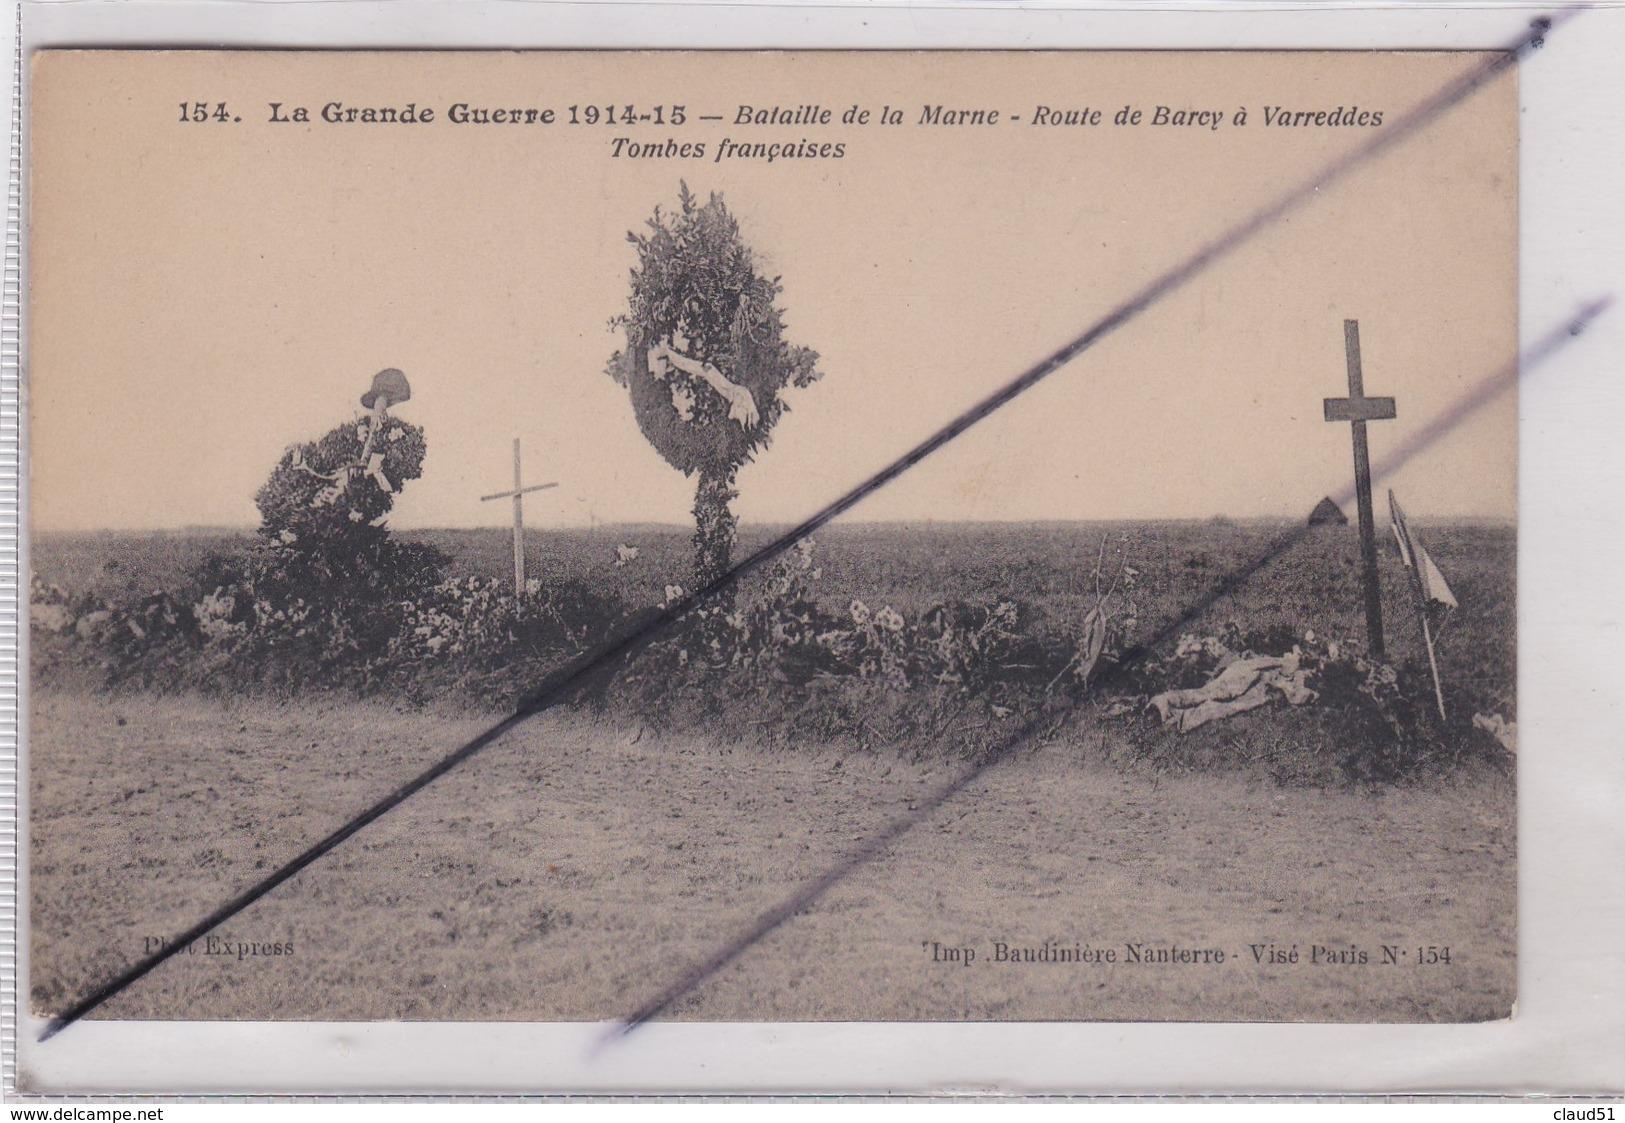 Route De Barcy à Varredes (77) Tombes Françaises -La Grande Guerre 1914-15- Bataille De La Marne. - Unclassified